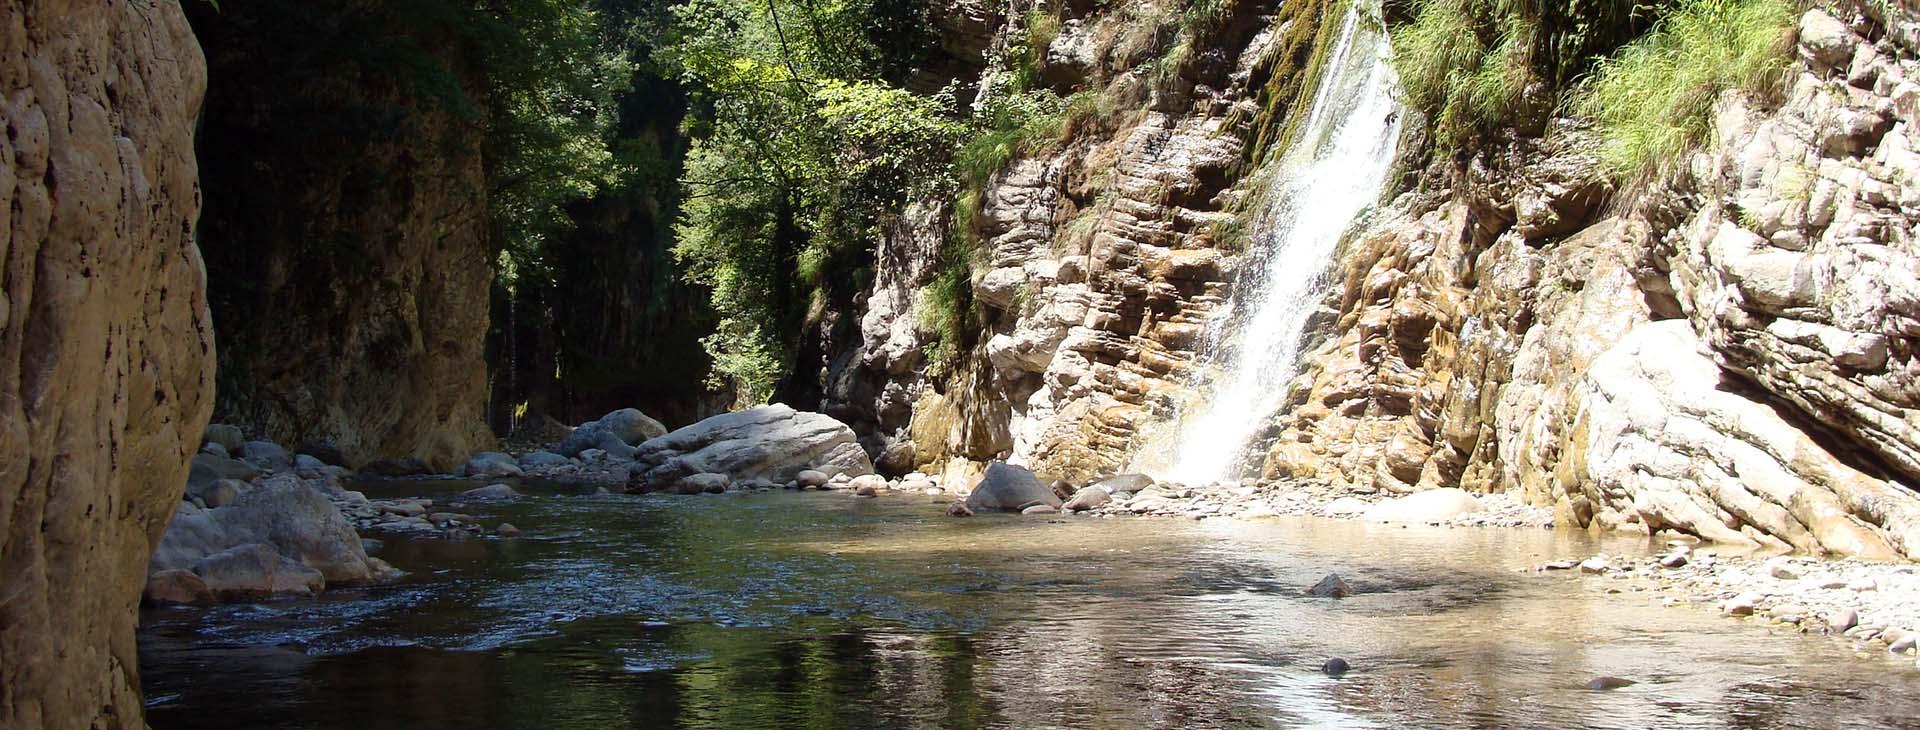 Krikelopotemos river / Pantavrechi gorge, Evritania